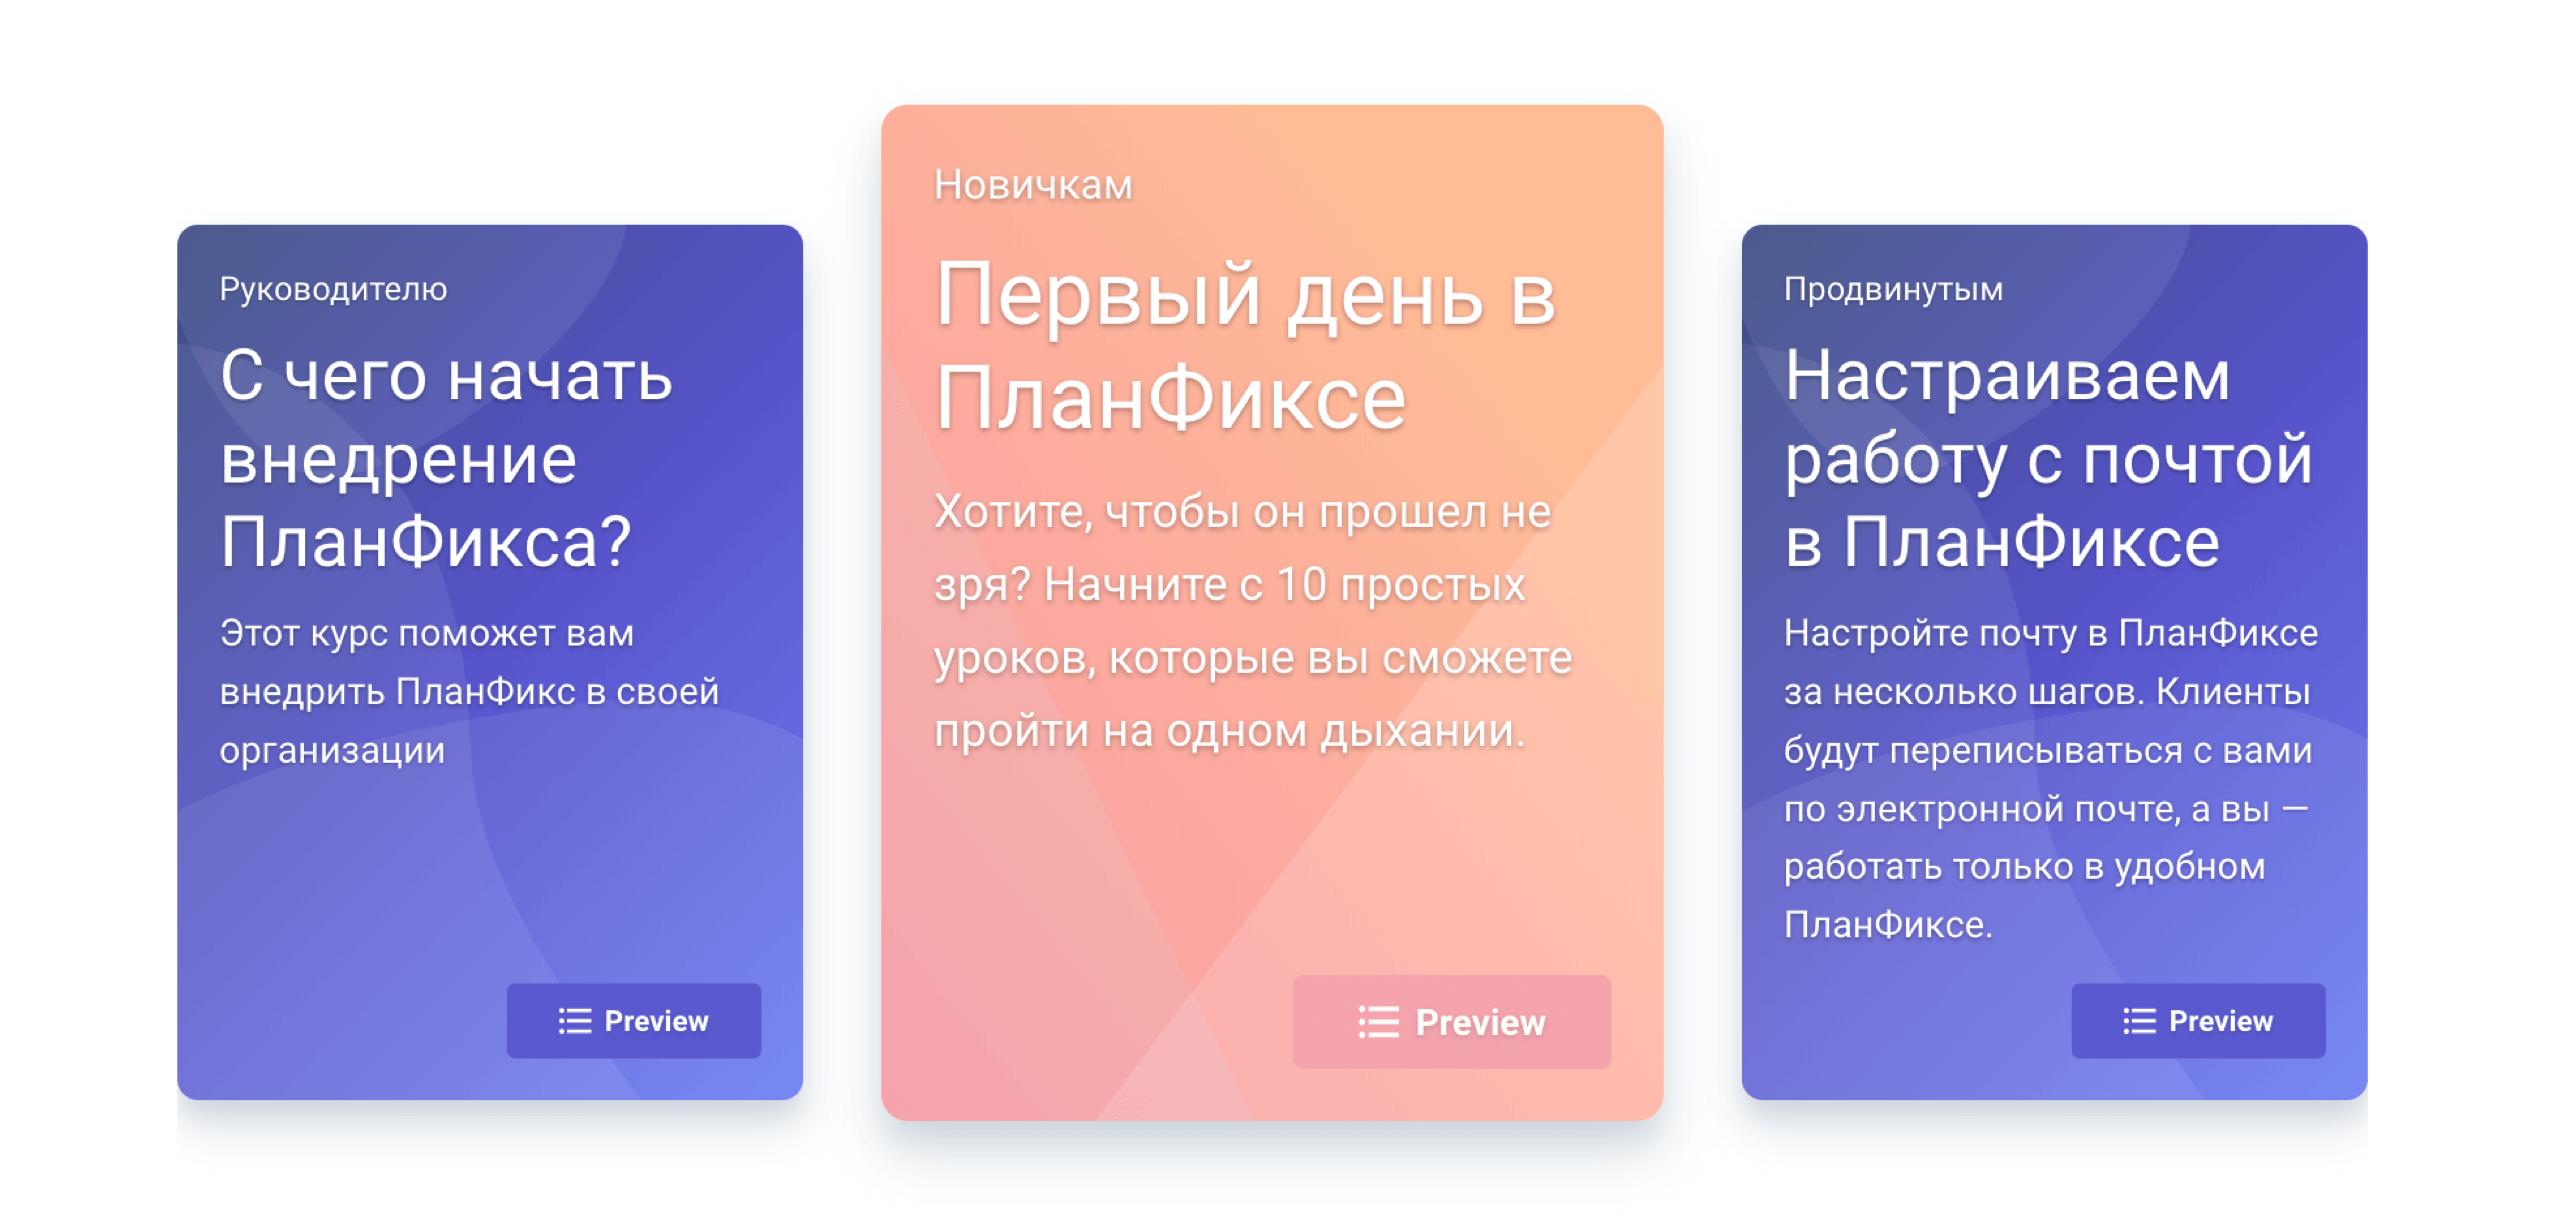 Курсы Академии ПланФикса